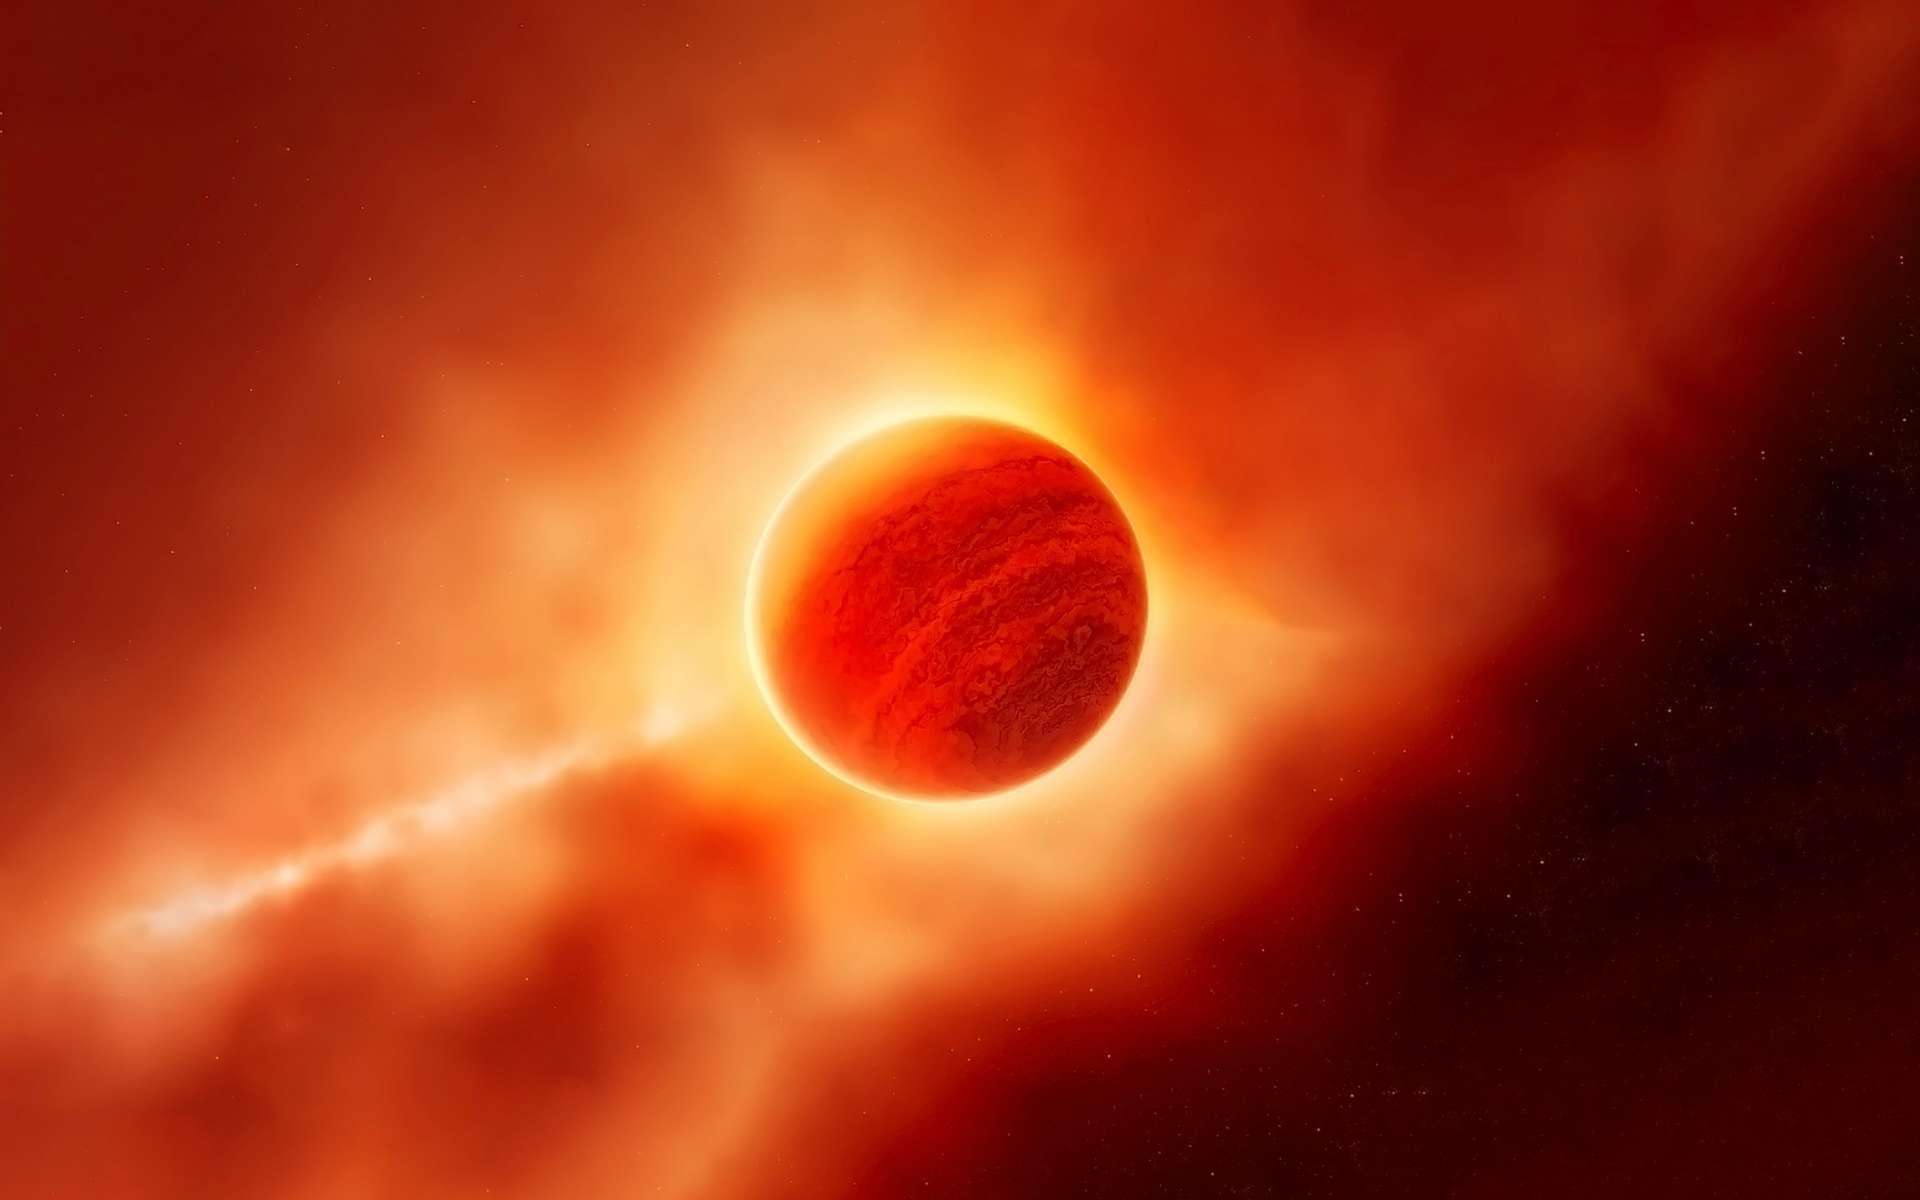 Une exoplanète de type Jupiter nouvellement découverte est en orbite autour d'une naine blanche, une étoile morte. Pour les astronomes, le système ressemble à ce que sera notre Système solaire quand notre Soleil aura rendu son dernier souffle. © Artsiom P, Adobe Stock